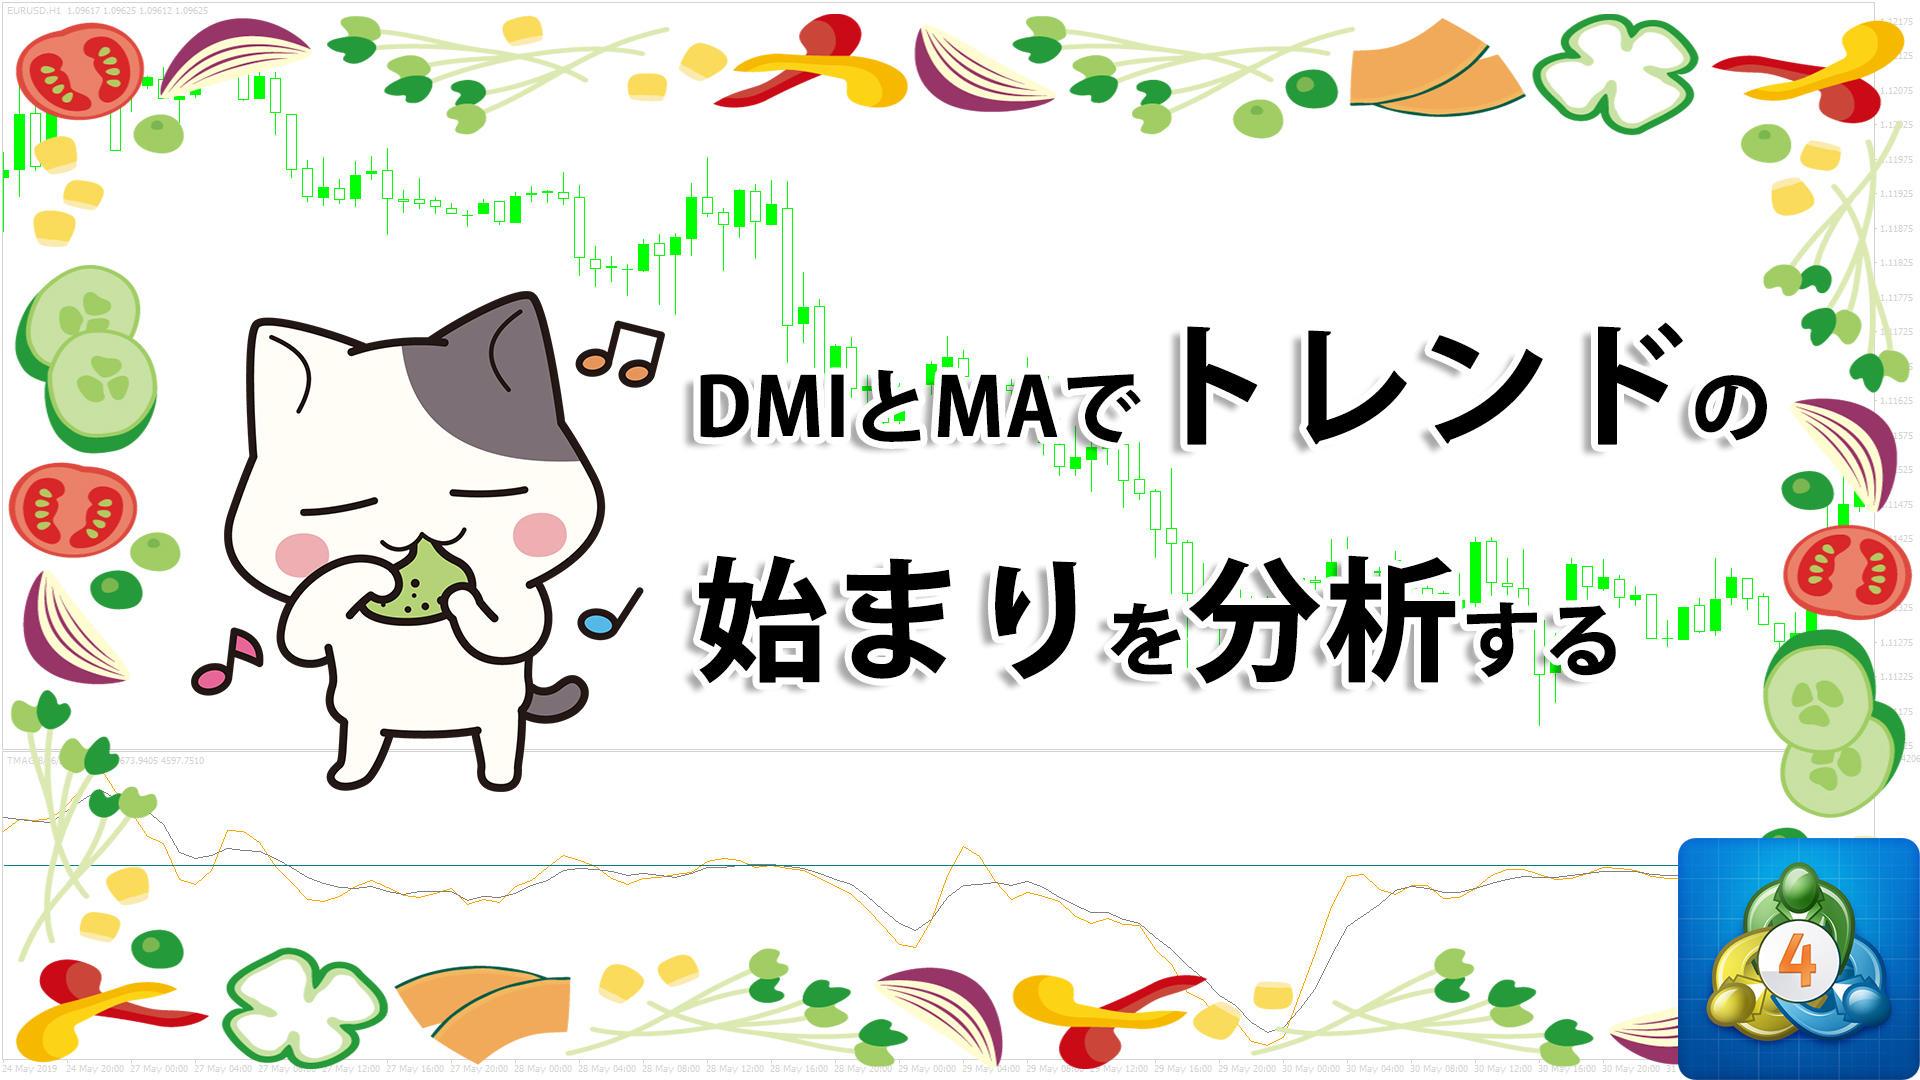 DMIと移動平均線をもとにトレンドの始まりを分析するMT4インジケーターを表示する「tmagiq」